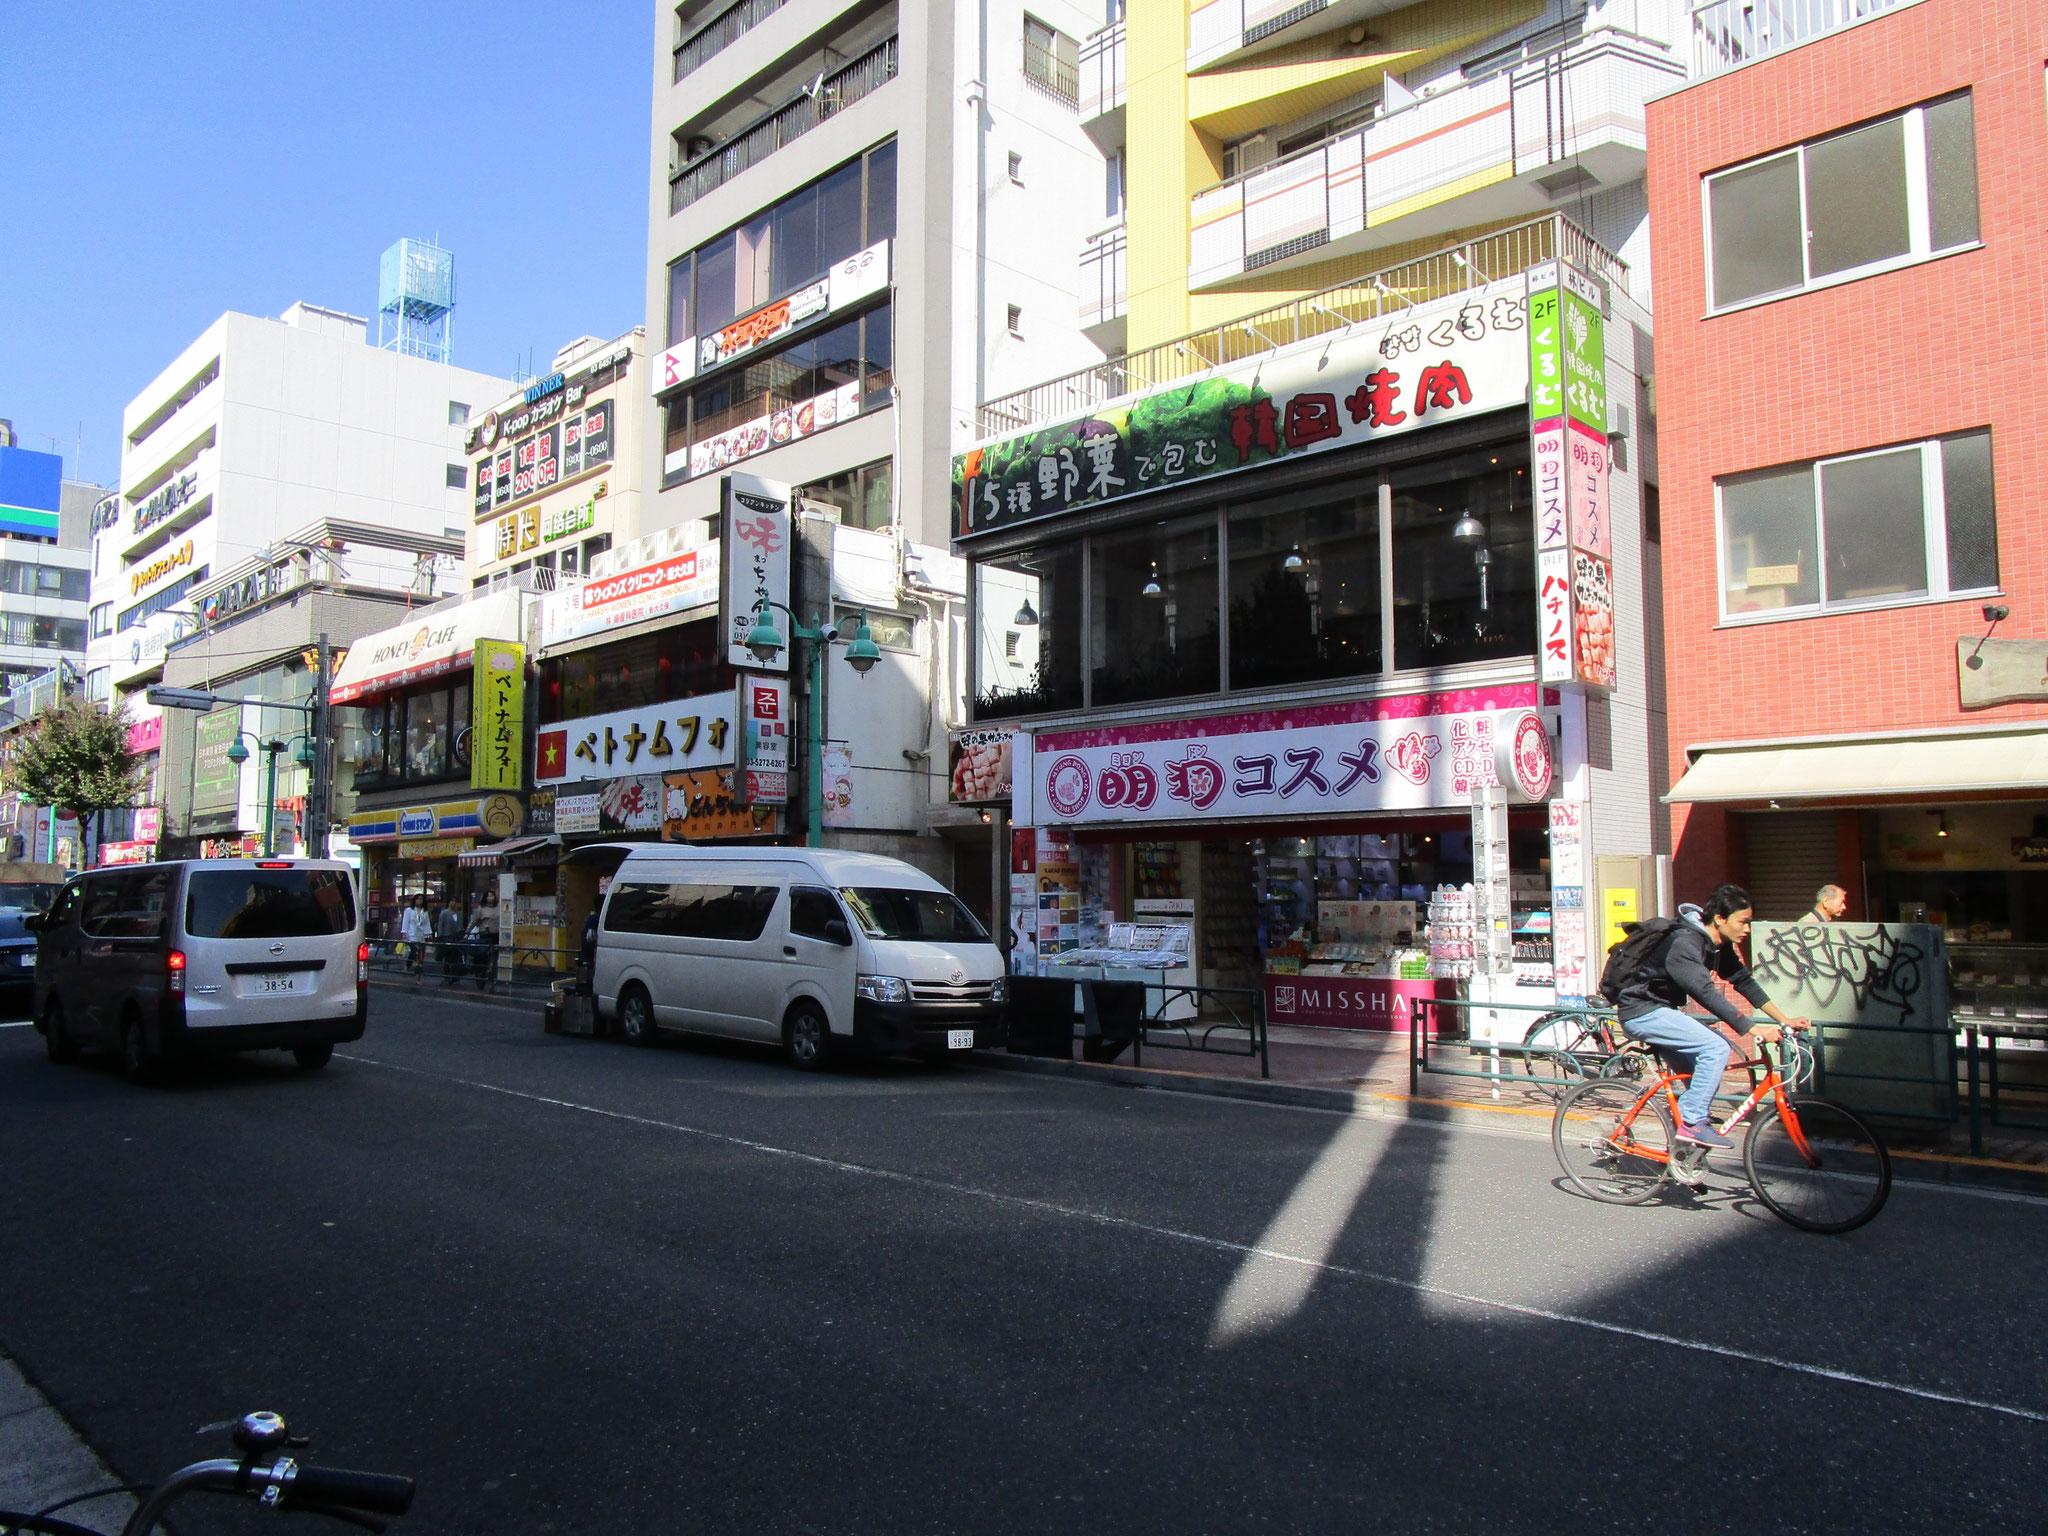 韓国のコスメ・食材・飲食店とコンビニ等が混在しています